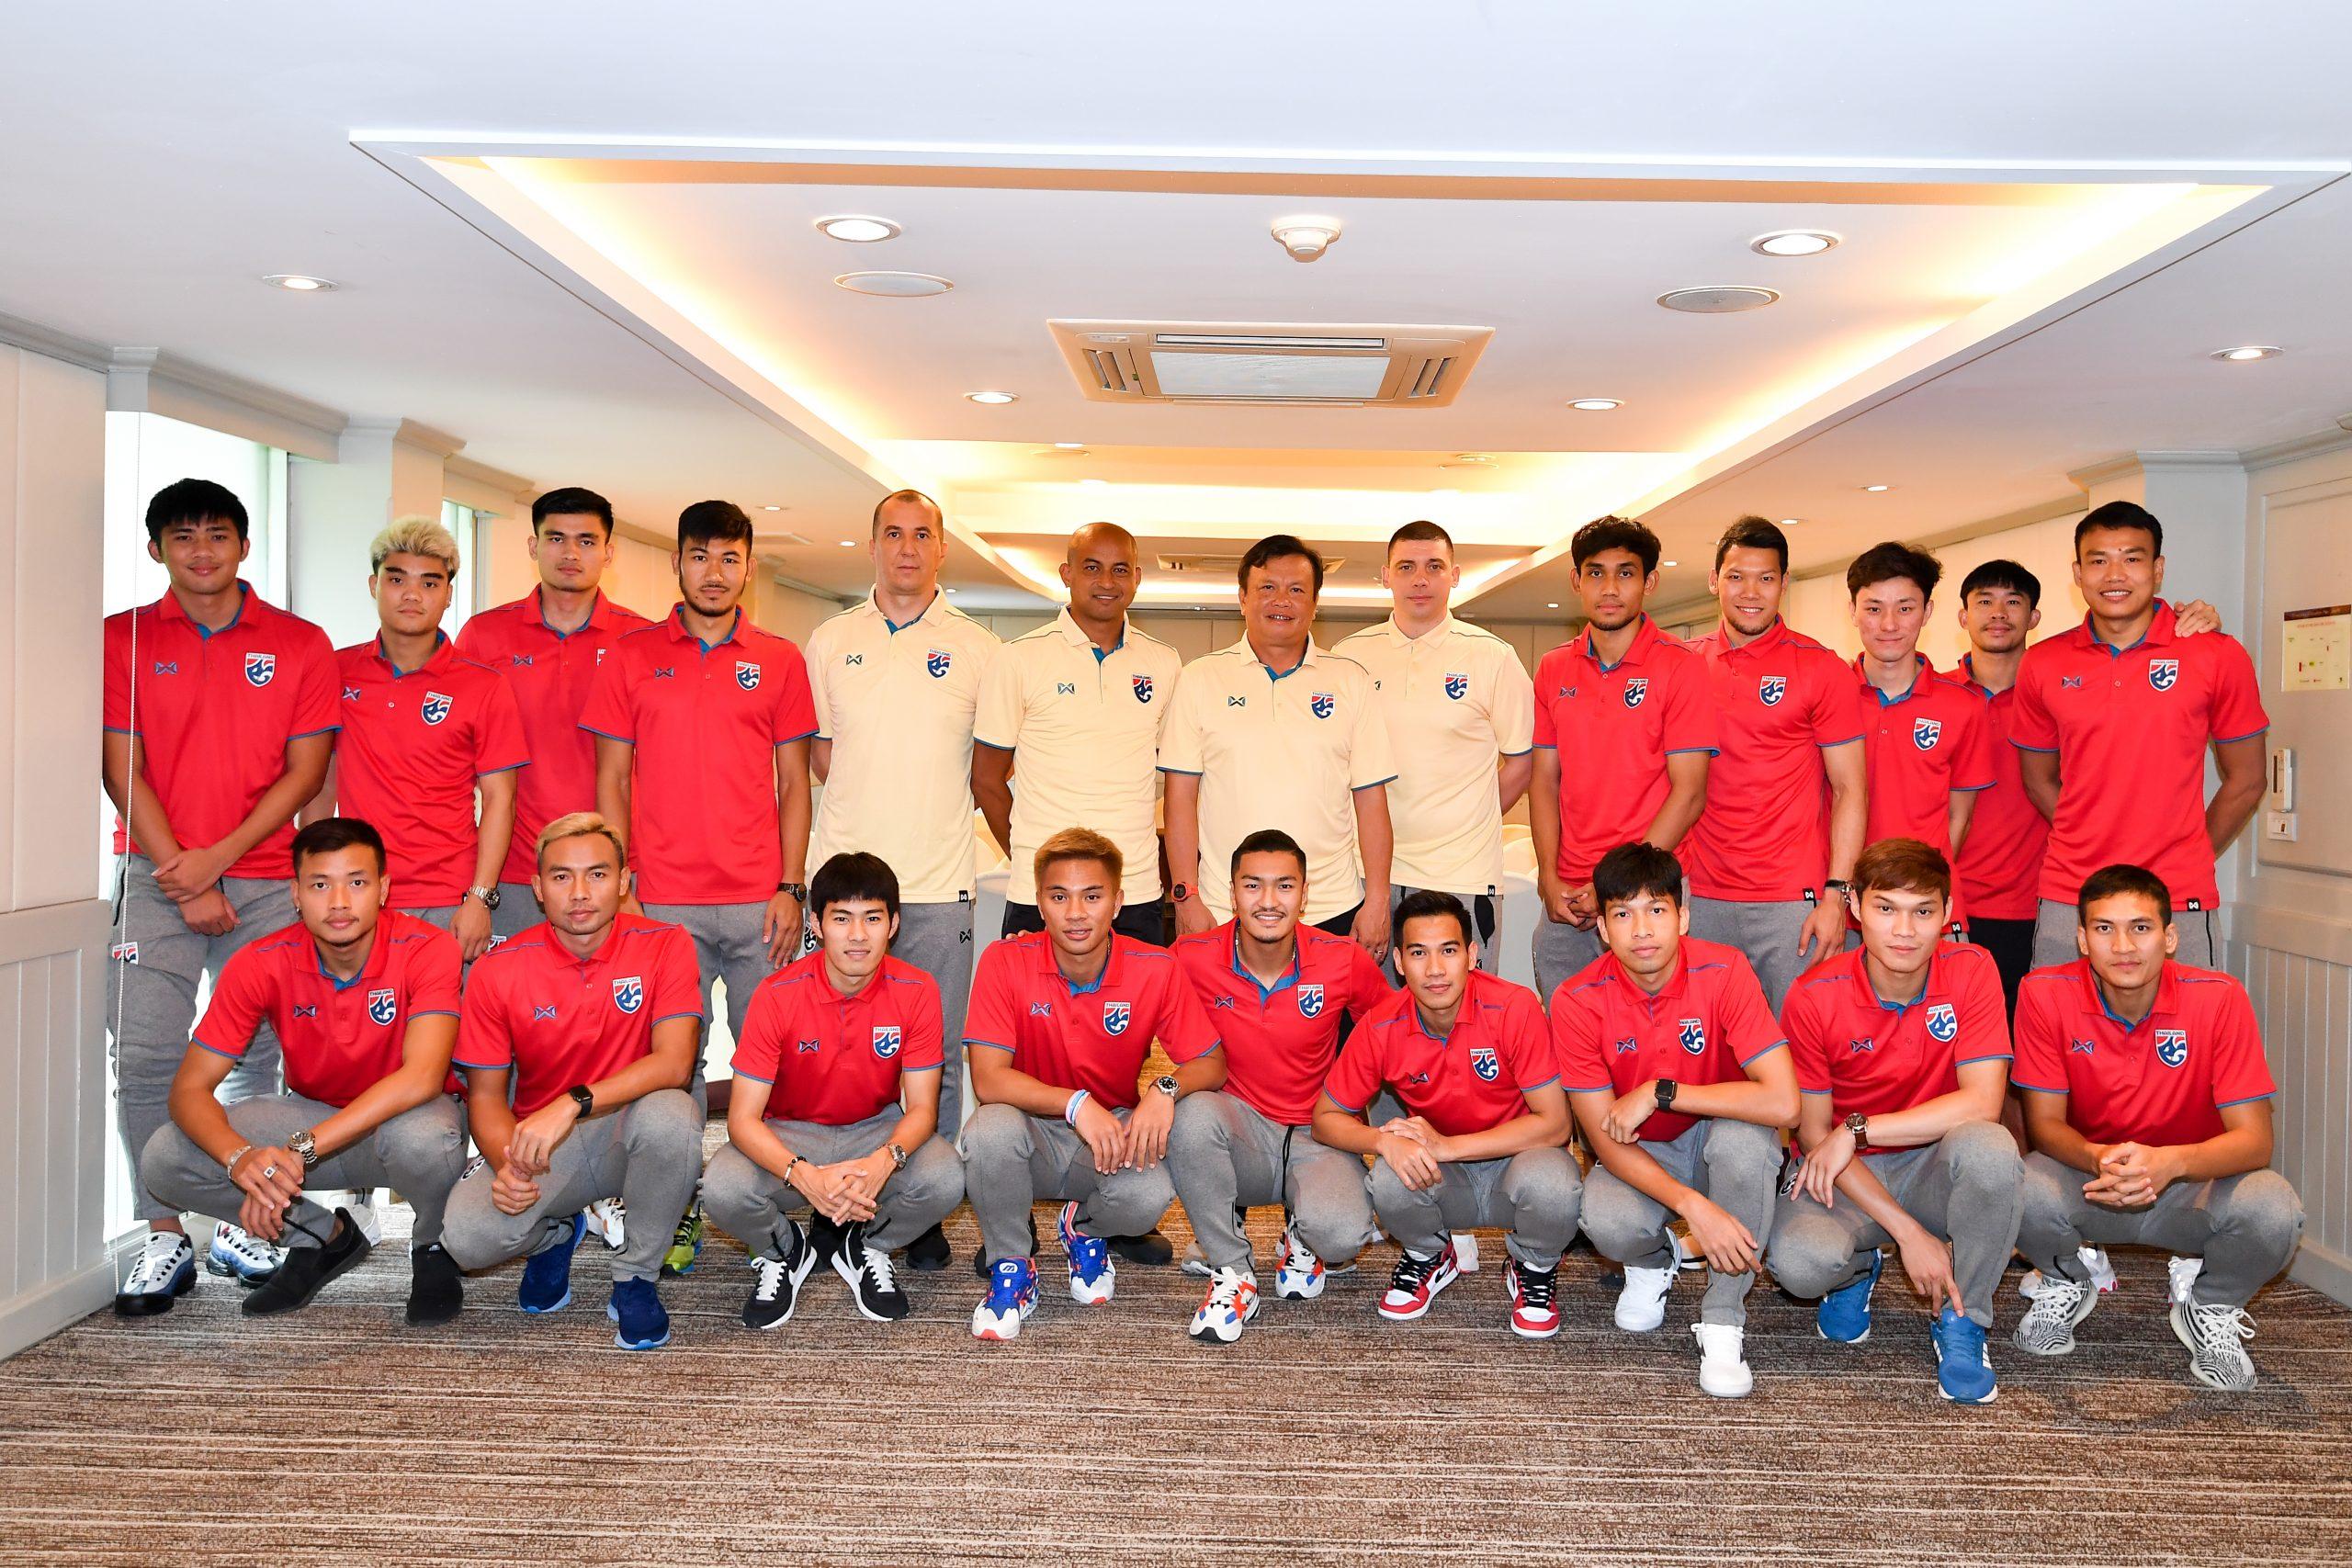 คิงส์ คัพ คิงส์คัพ 2019 ทีมชาติเวียดนาม ทีมชาติไทย ศิริศักดิ์ ยอดญาติไทย